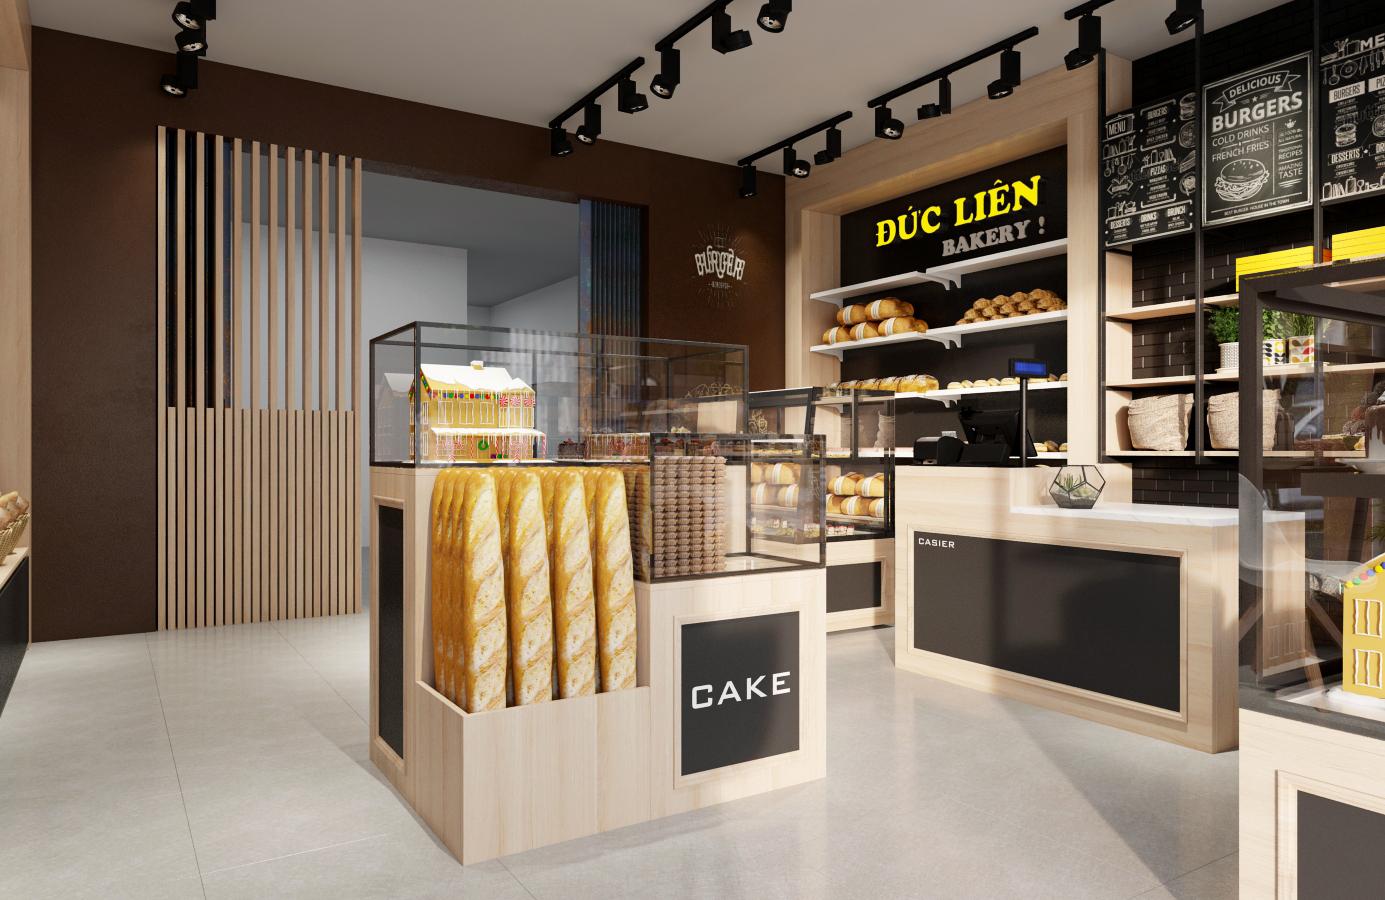 Thiết kế nội thất Nhà Hàng tại Hà Nội Đức Liên Bakery 1573645798 3